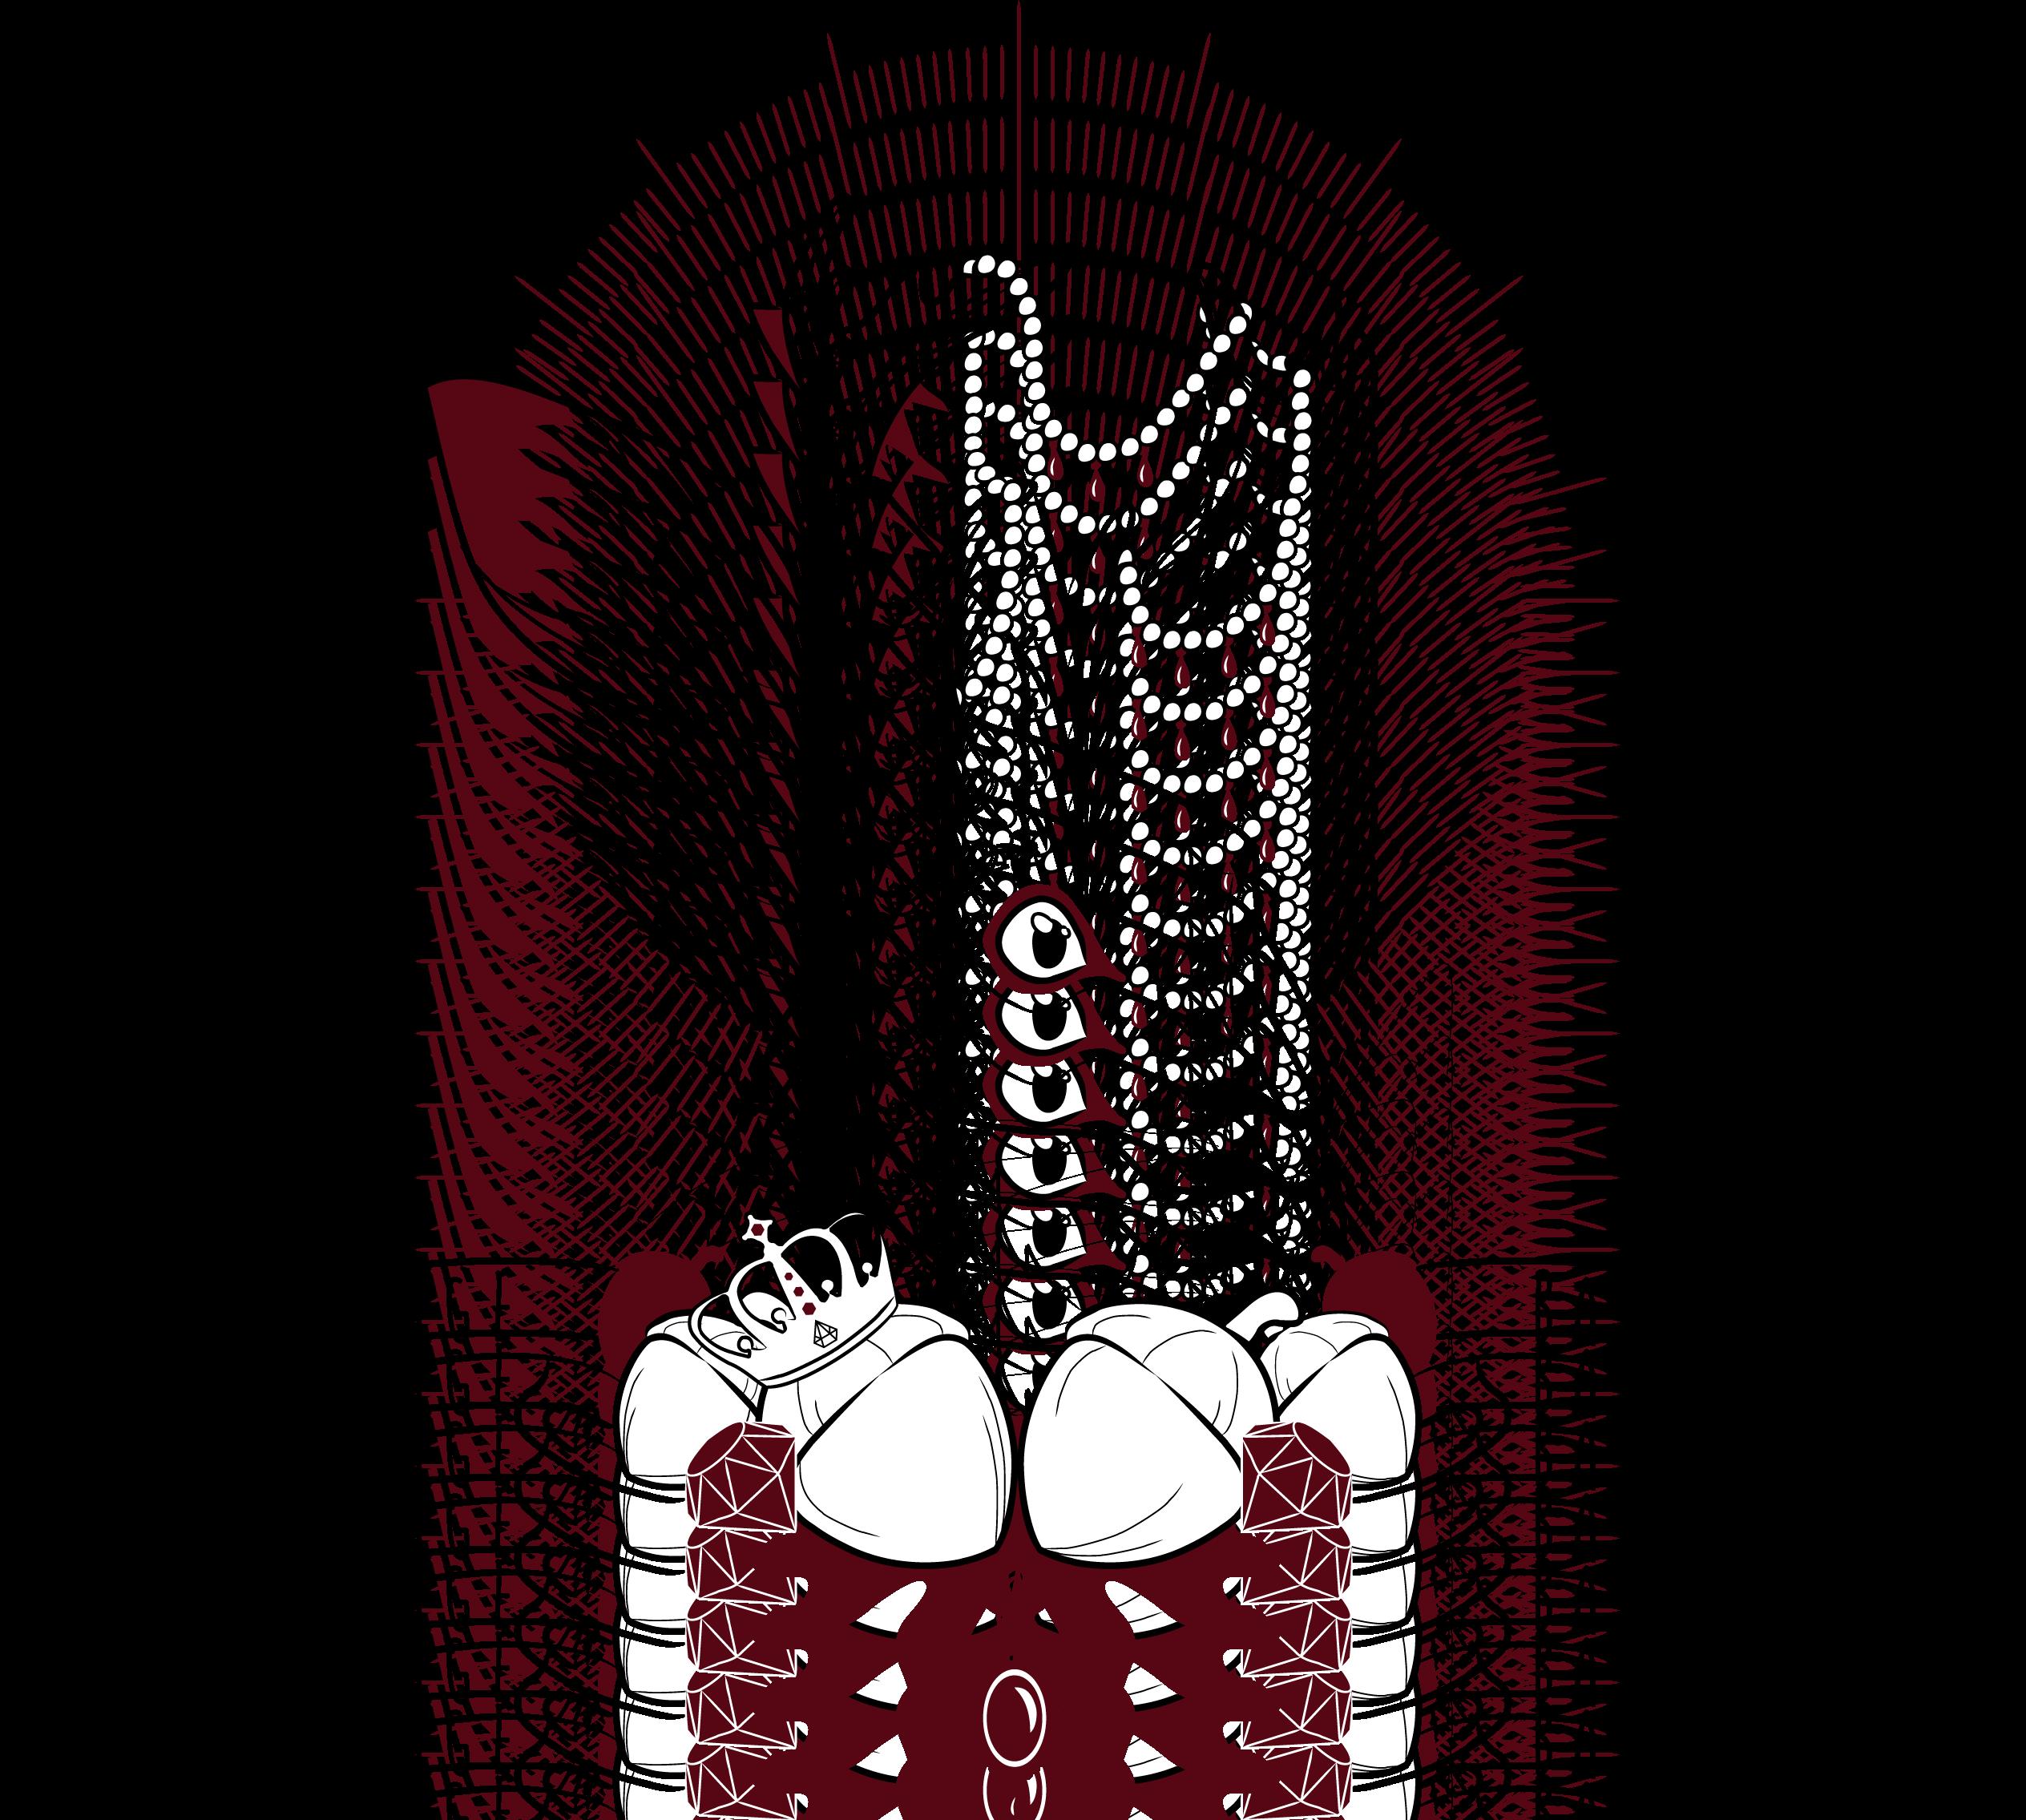 Mounted jackalope illustration